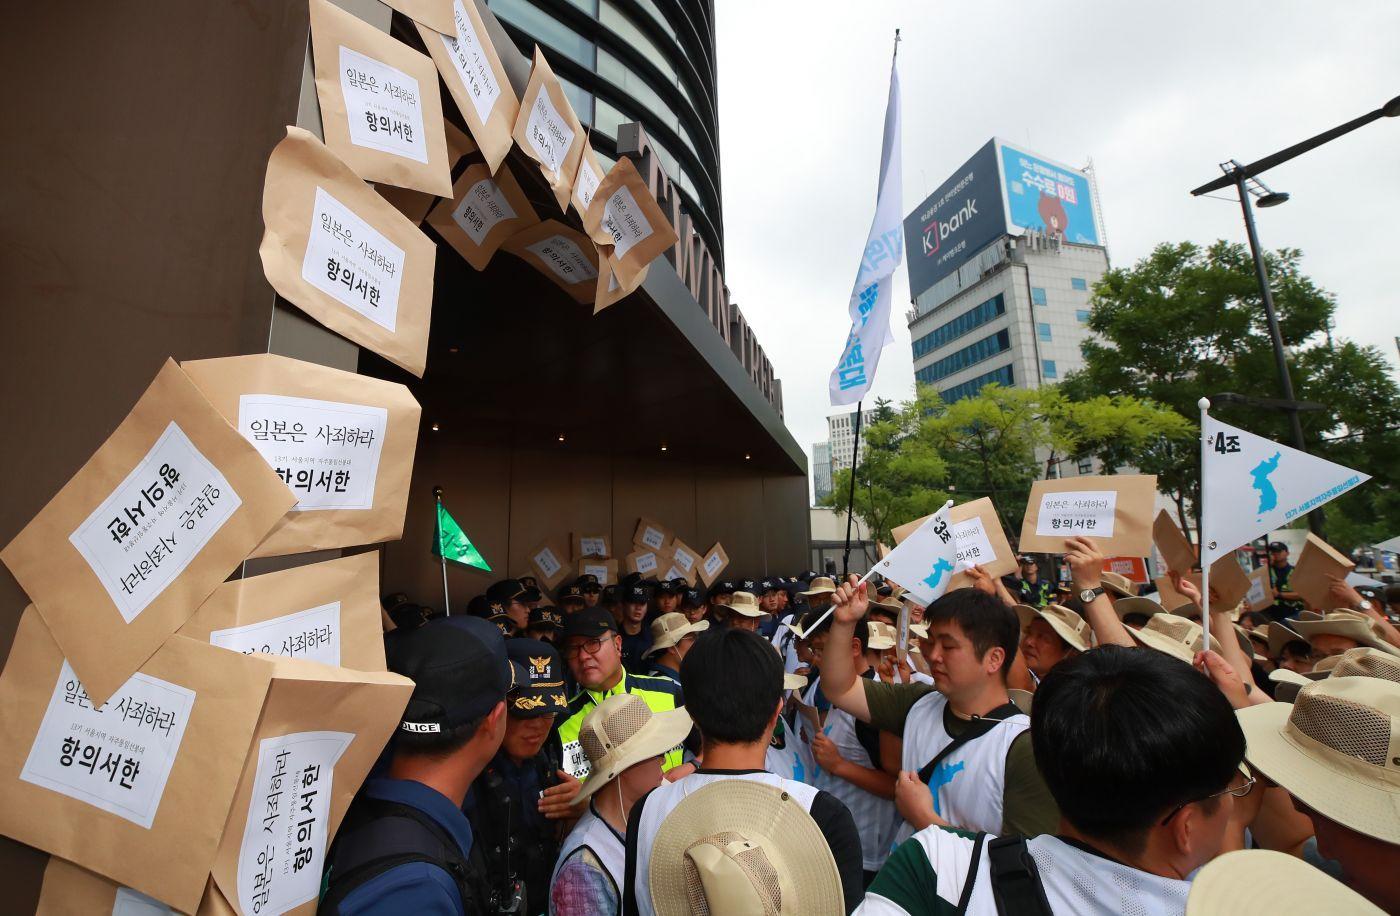 韓國民眾在日本大使館外集會 將抗議信貼上墻CFP